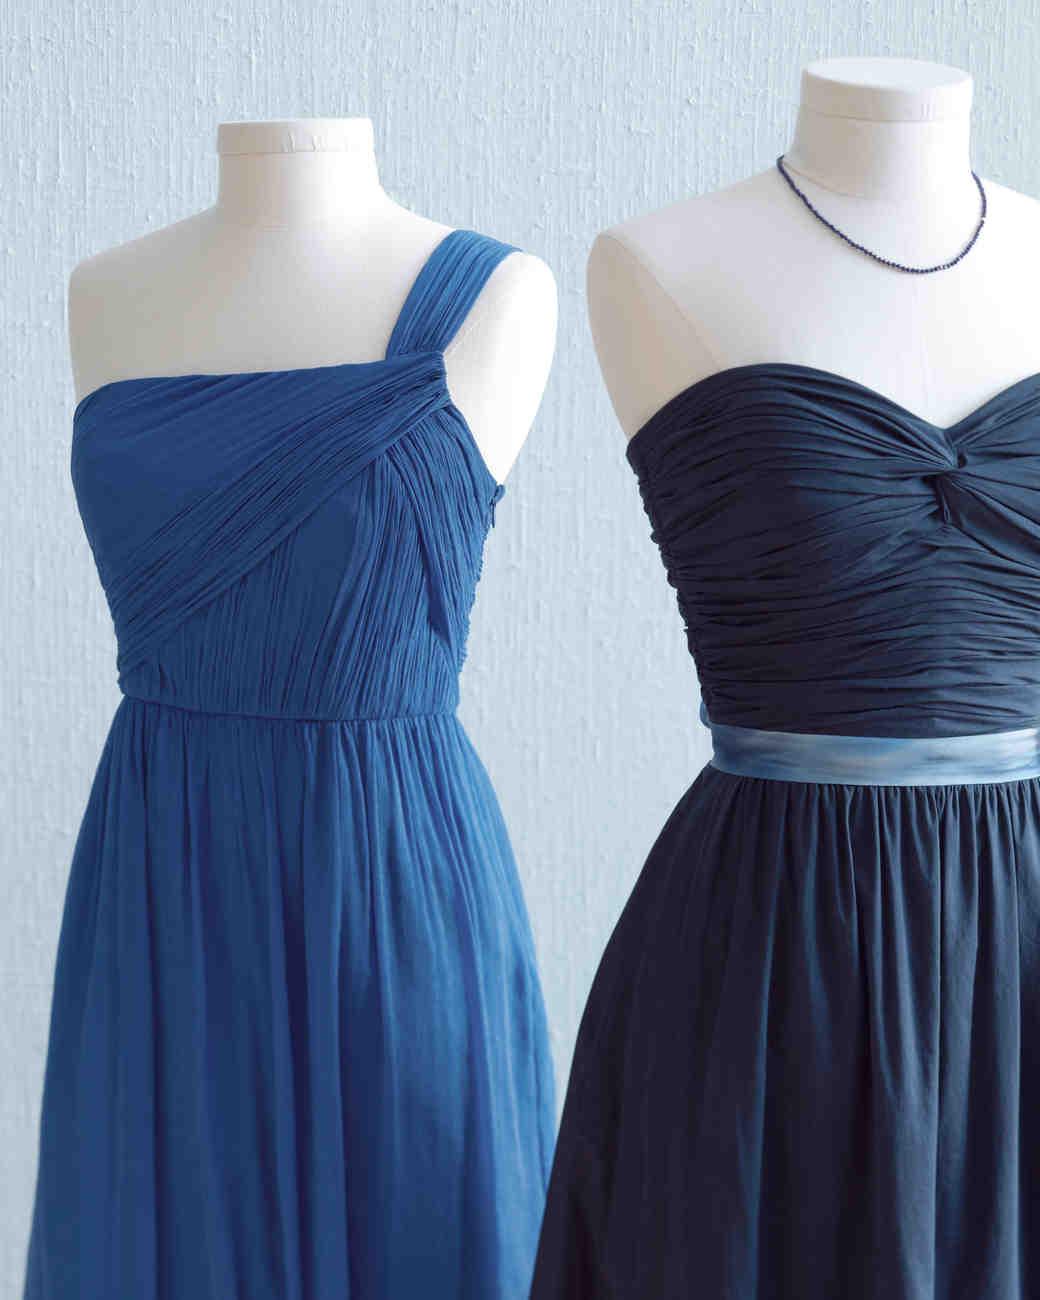 palette-blue-dresses-mwd108489.jpg